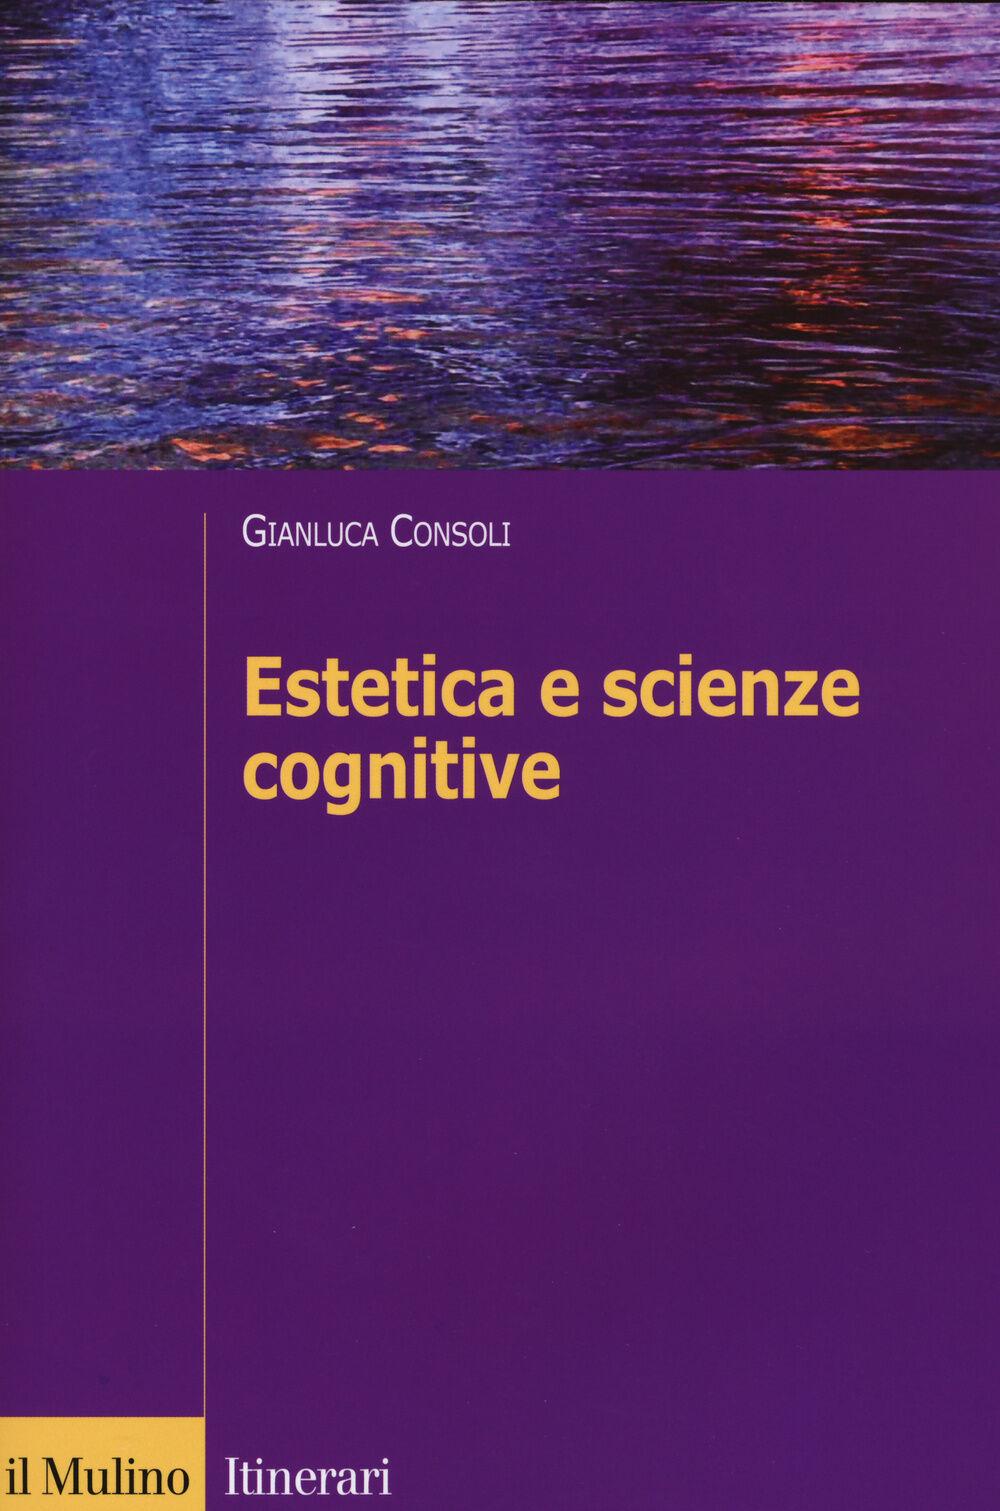 Estetica e scienze cognitive